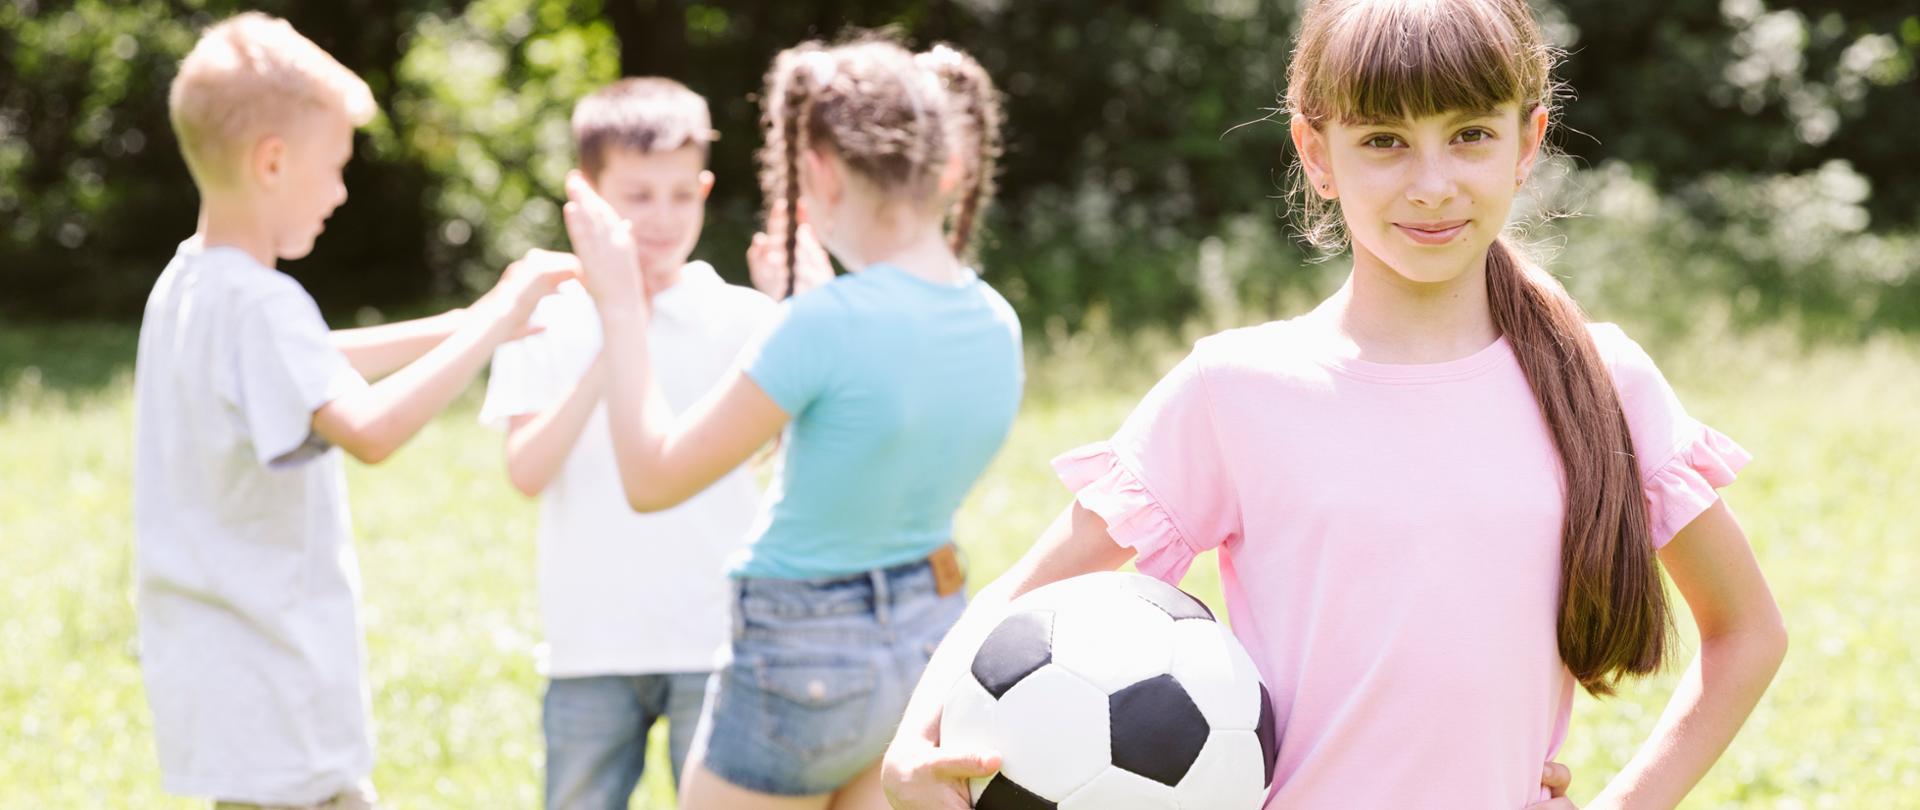 Bezpieczny wypoczynek - wytyczne MEN, GIS i MZ dla organizatorów wypoczynku dzieci i młodzieży w 2020 roku